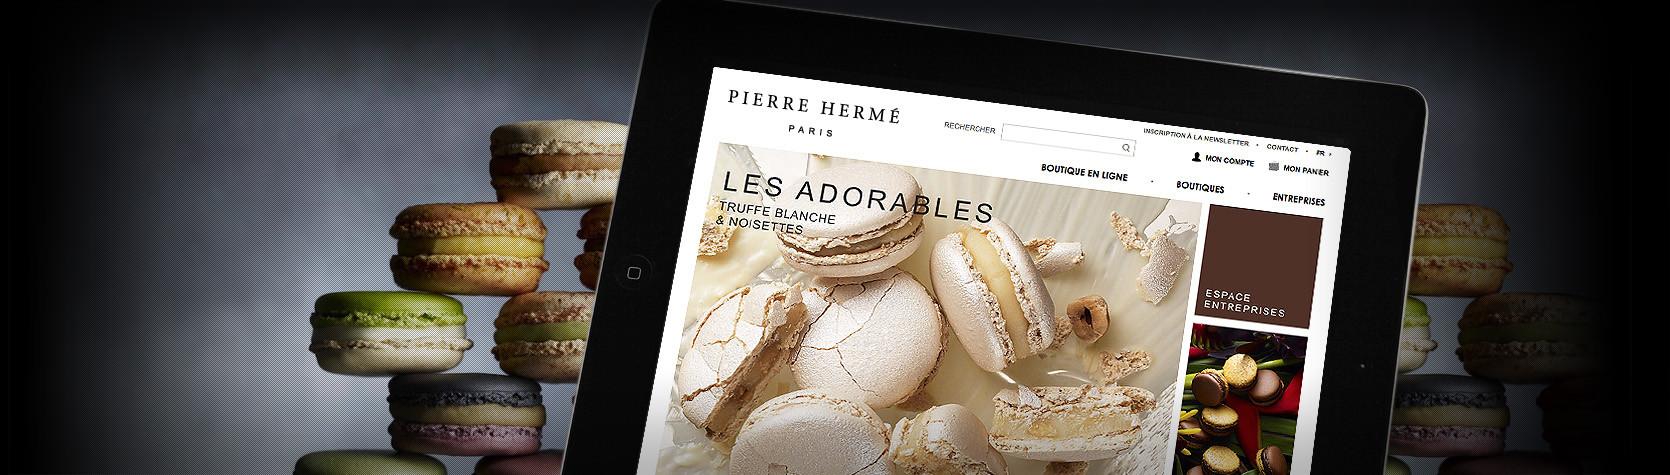 Agence Dn'D - Création Site E-Commerce Magento Pierre Hermé Paris